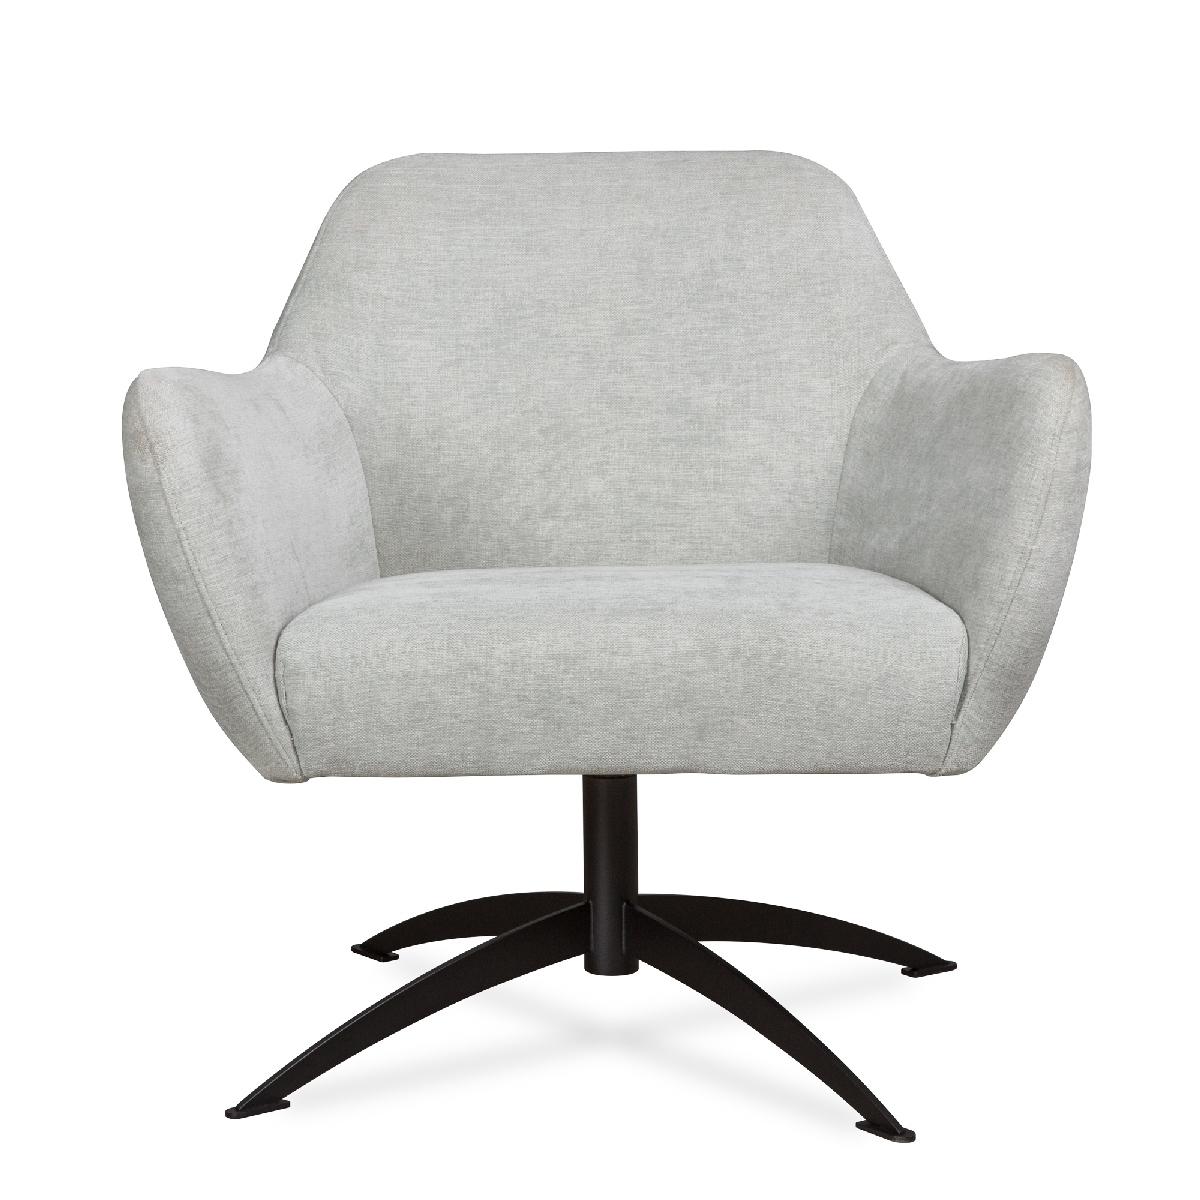 limoni-fauteuil-zwarte-voet-voor-2